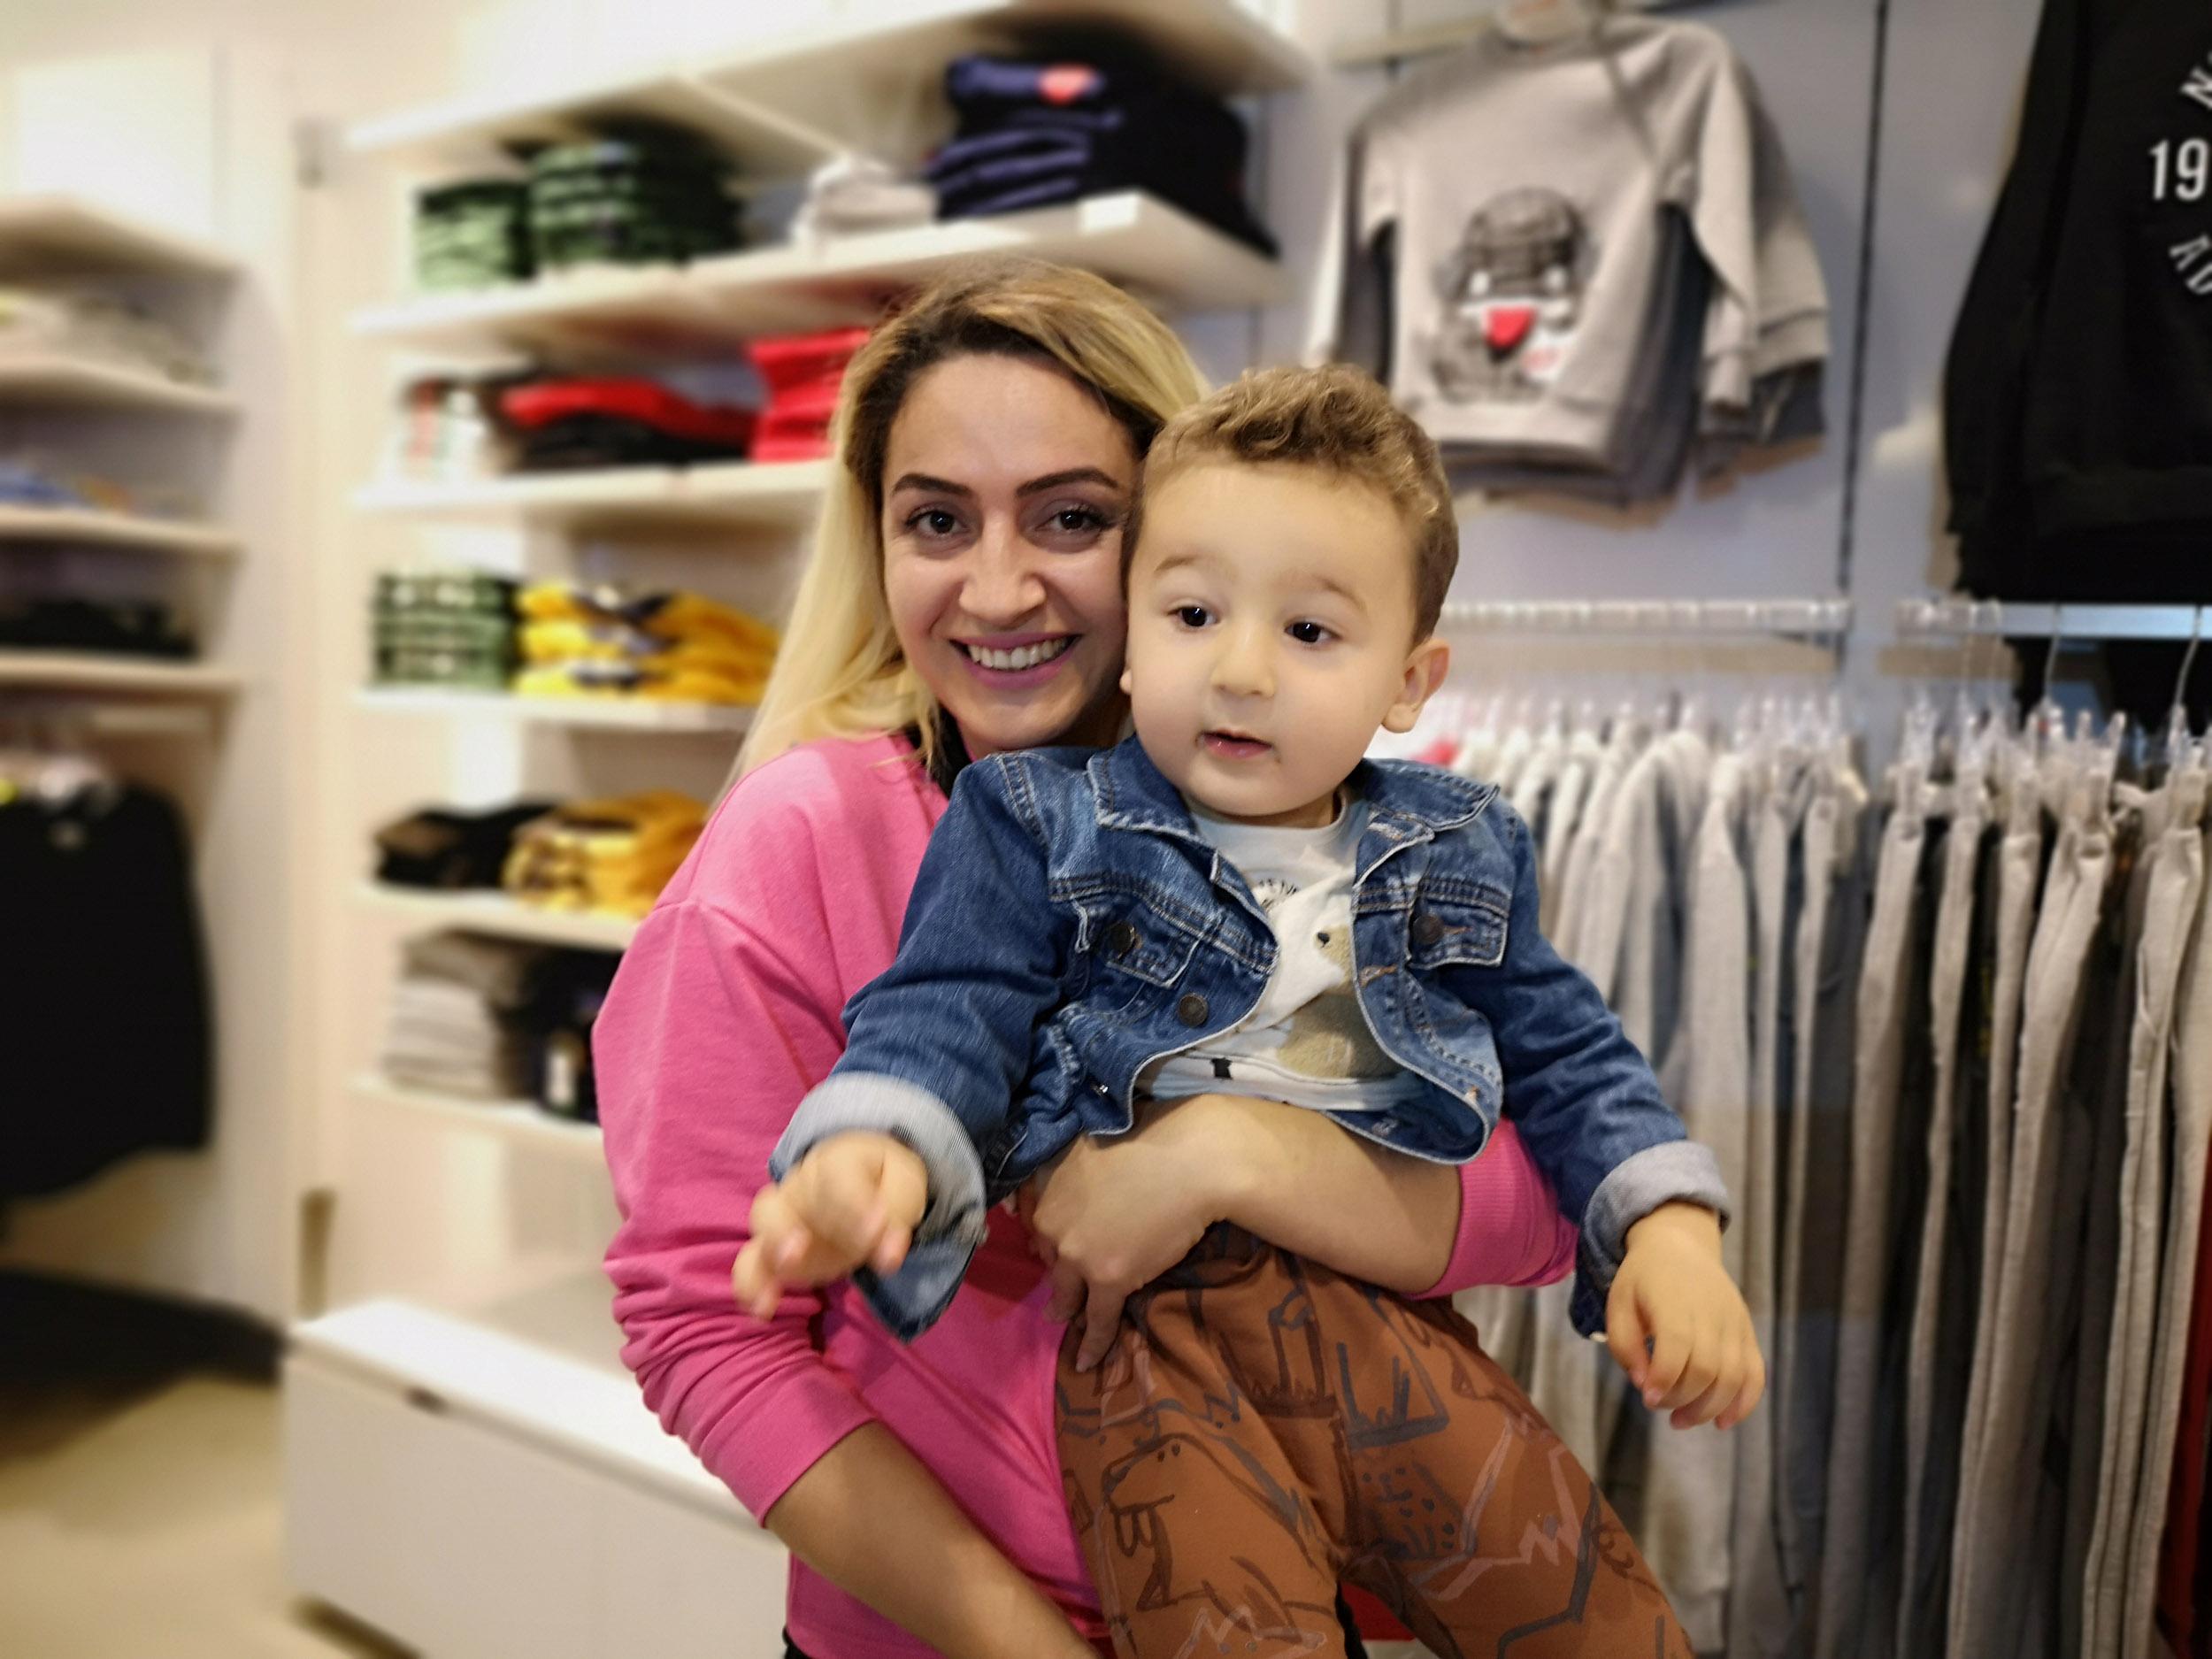 'Efsane Cuma' Türkiye'de öne çekildi: Alışveriş çılgınlığı başladı